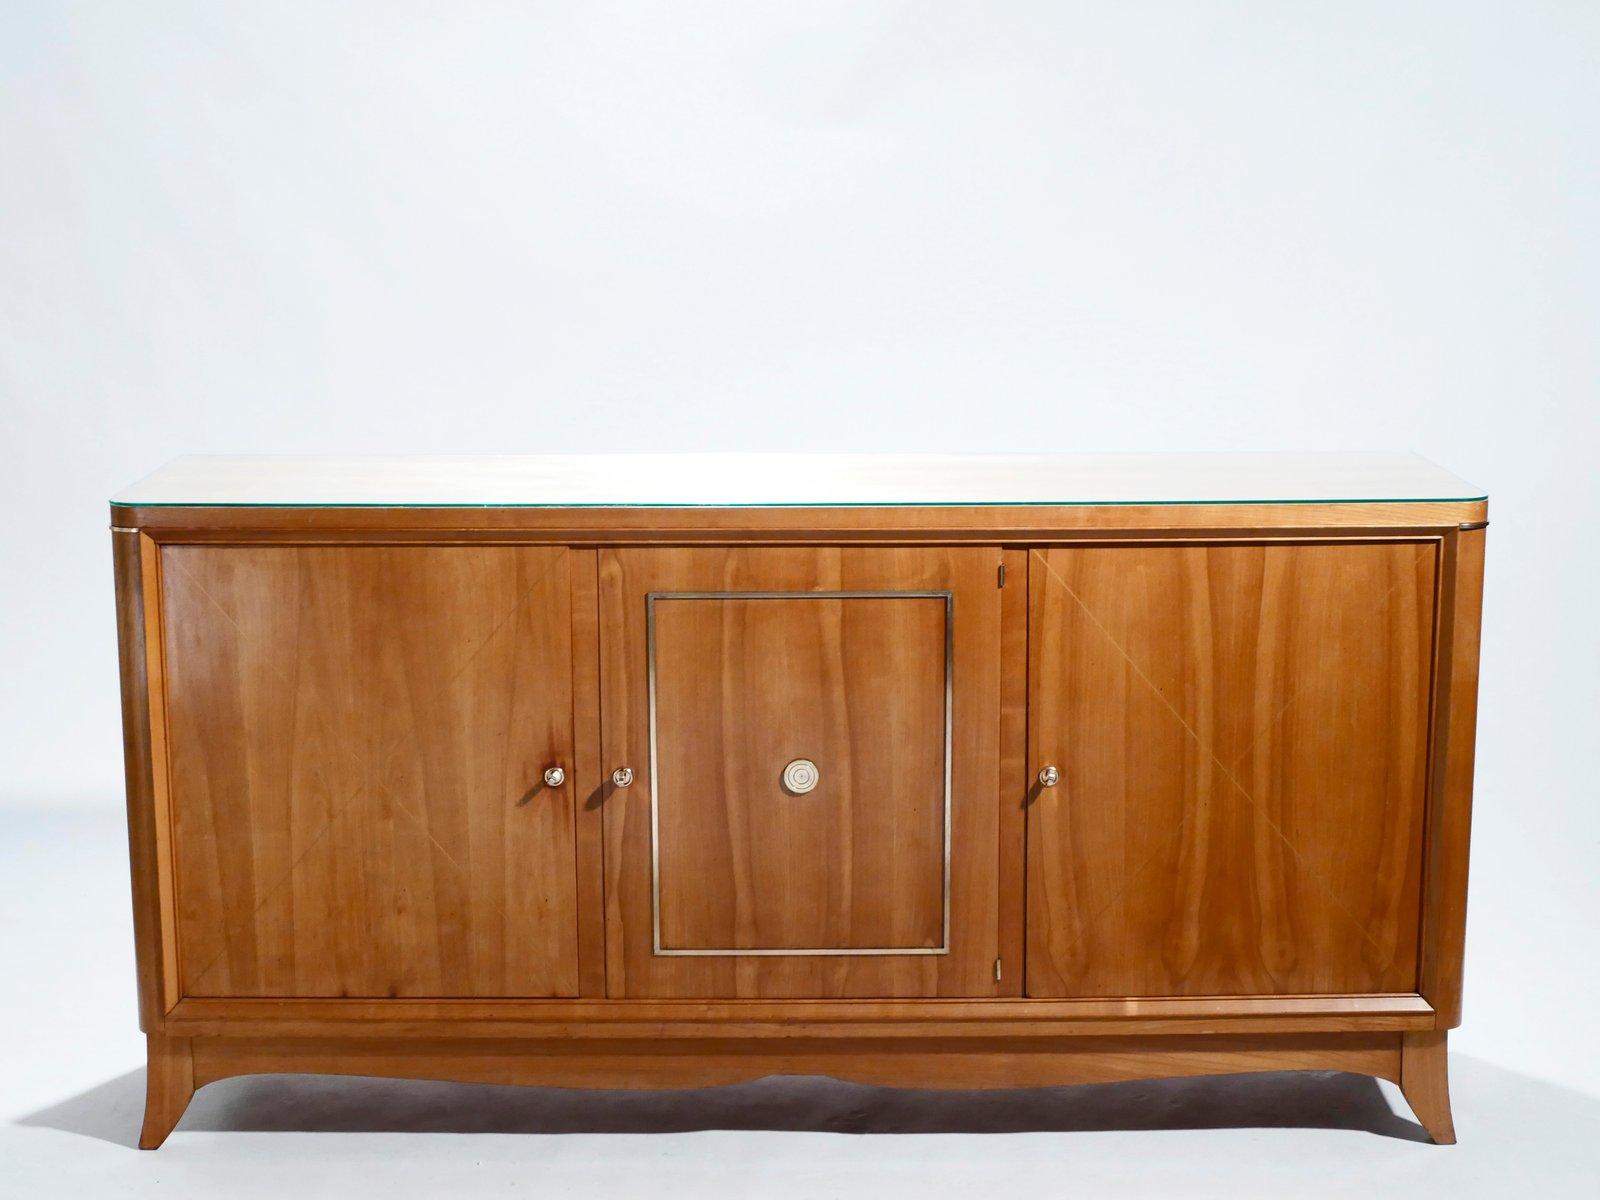 Modernes Sideboard aus Kirsche & Messing von Jacques Adnet, 1950er